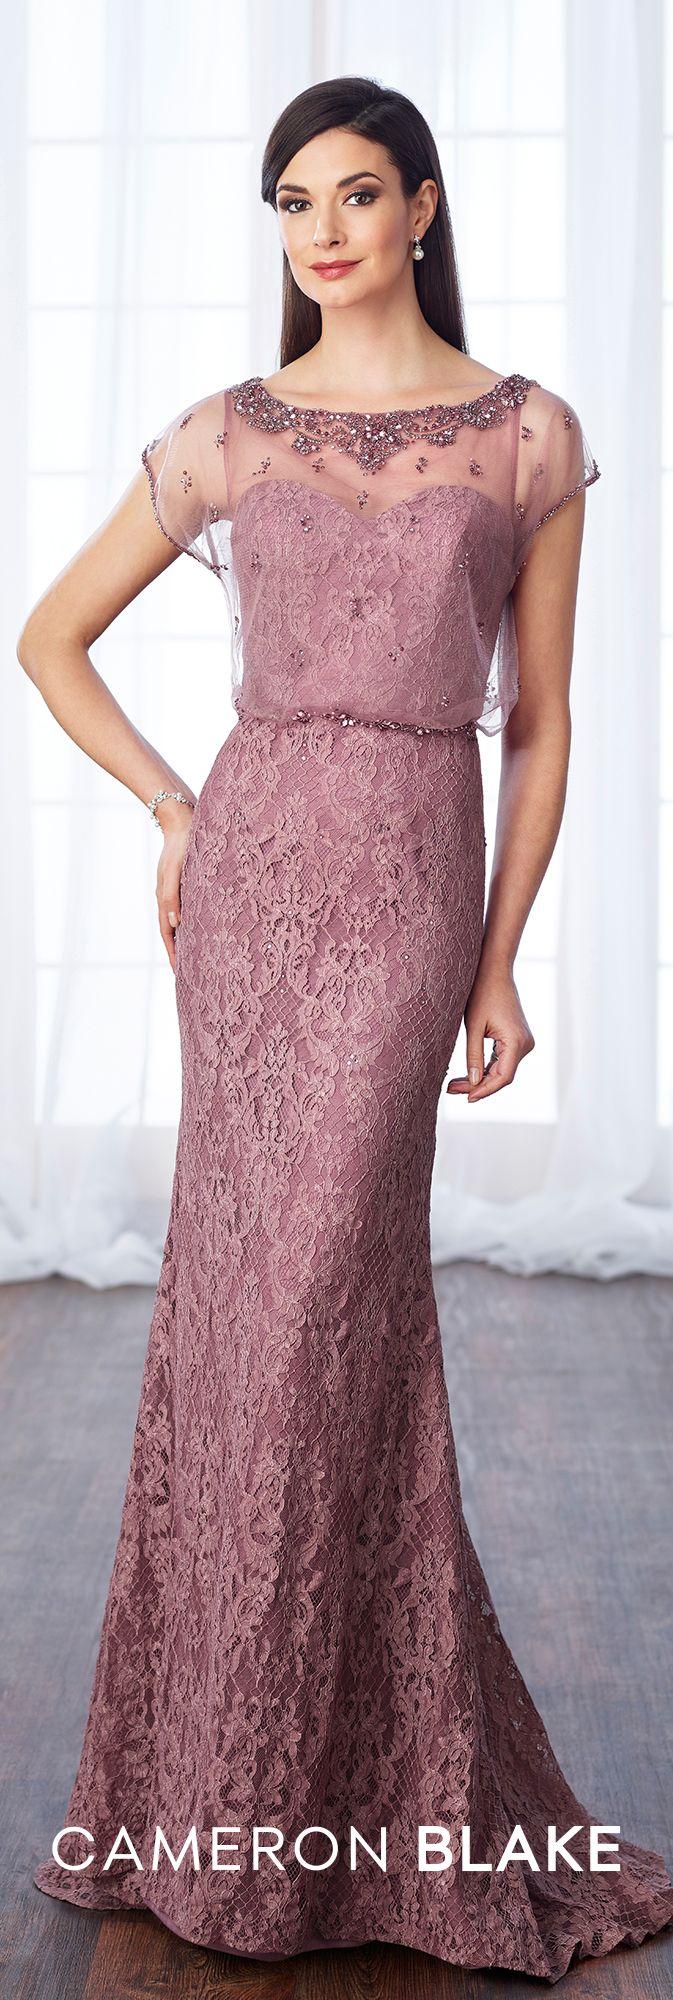 Hermosa Vestido De Boda Ilusión De Encaje Imágenes - Colección de ...